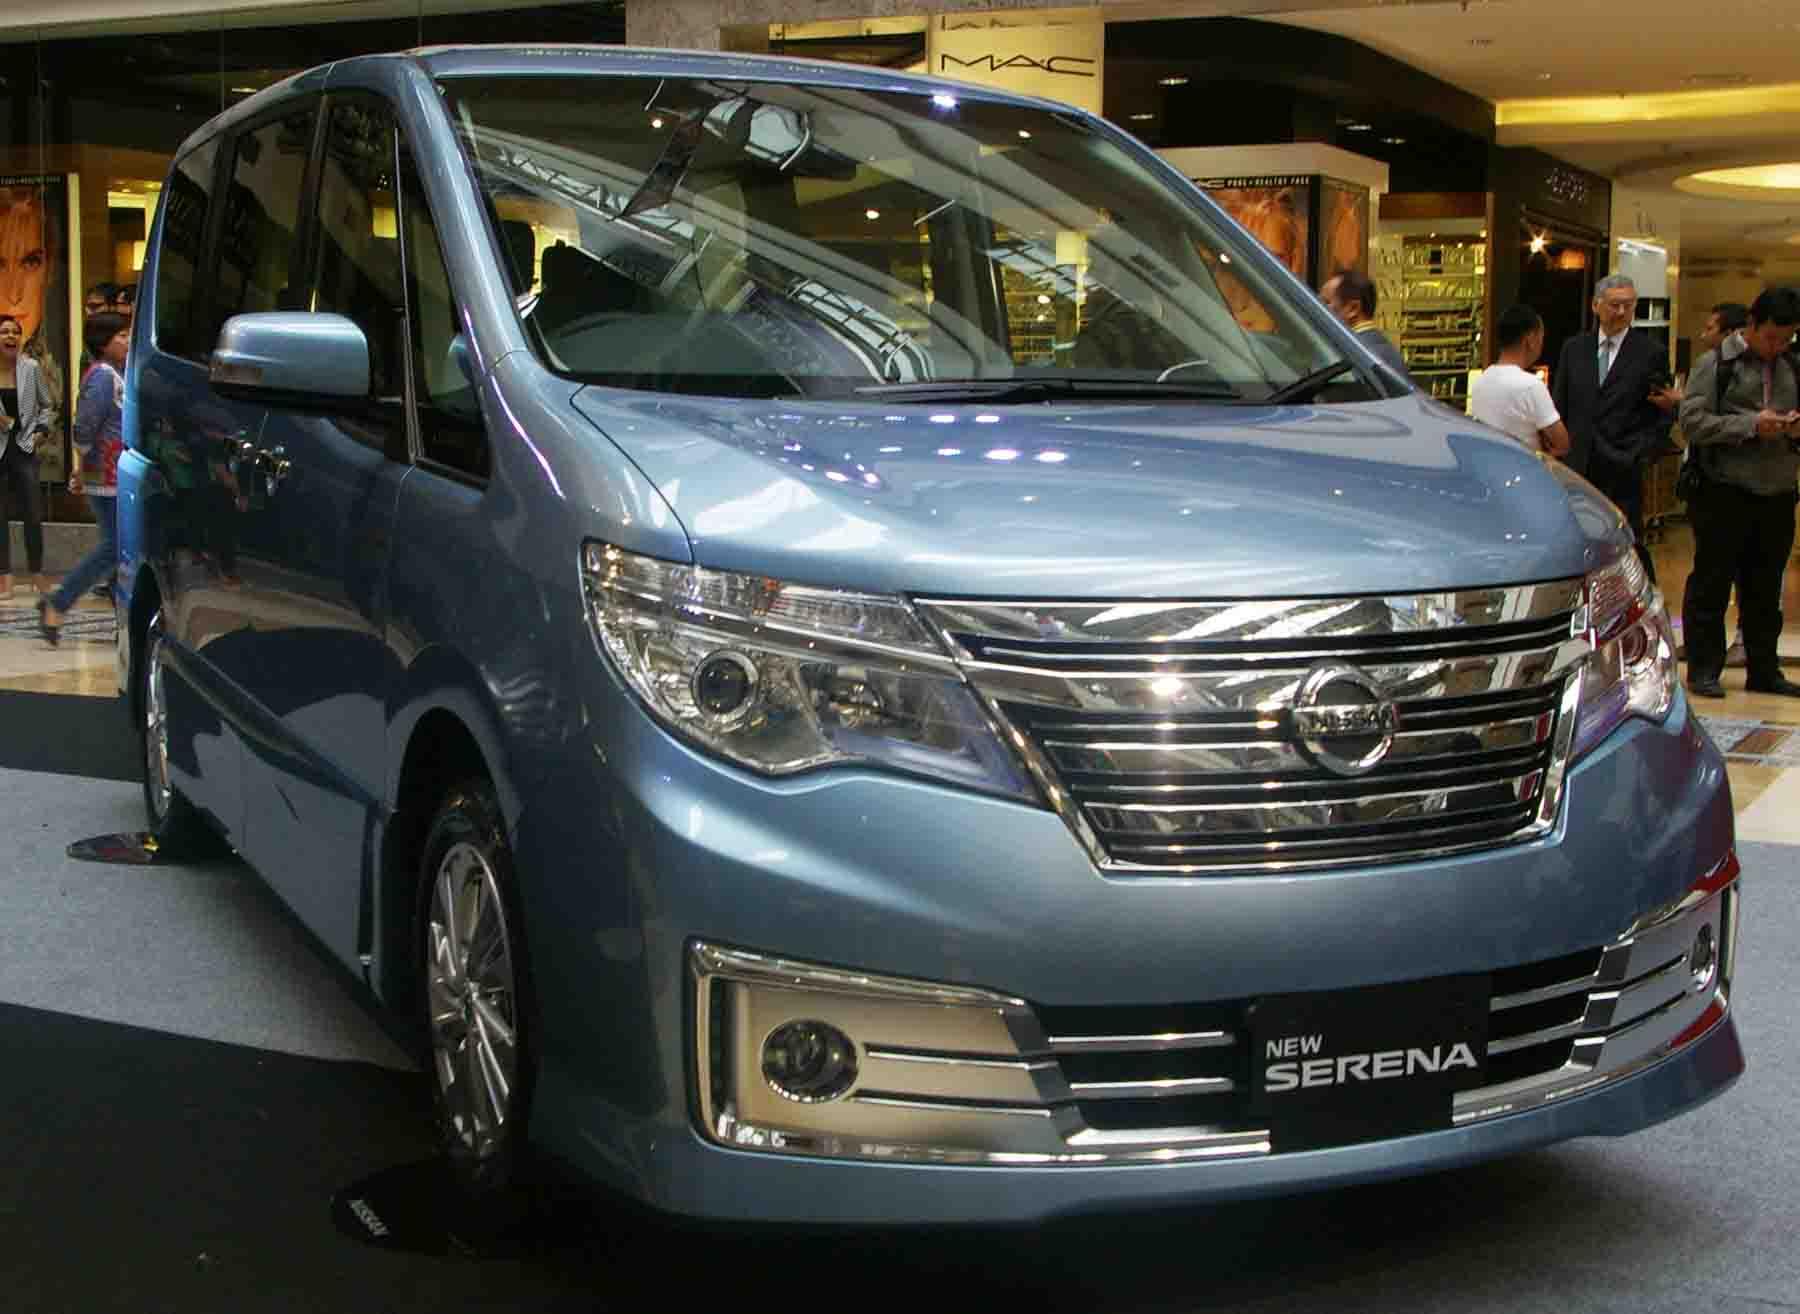 Harga Nissan Serena Baru Tidak Berubah Carmudi Indonesia